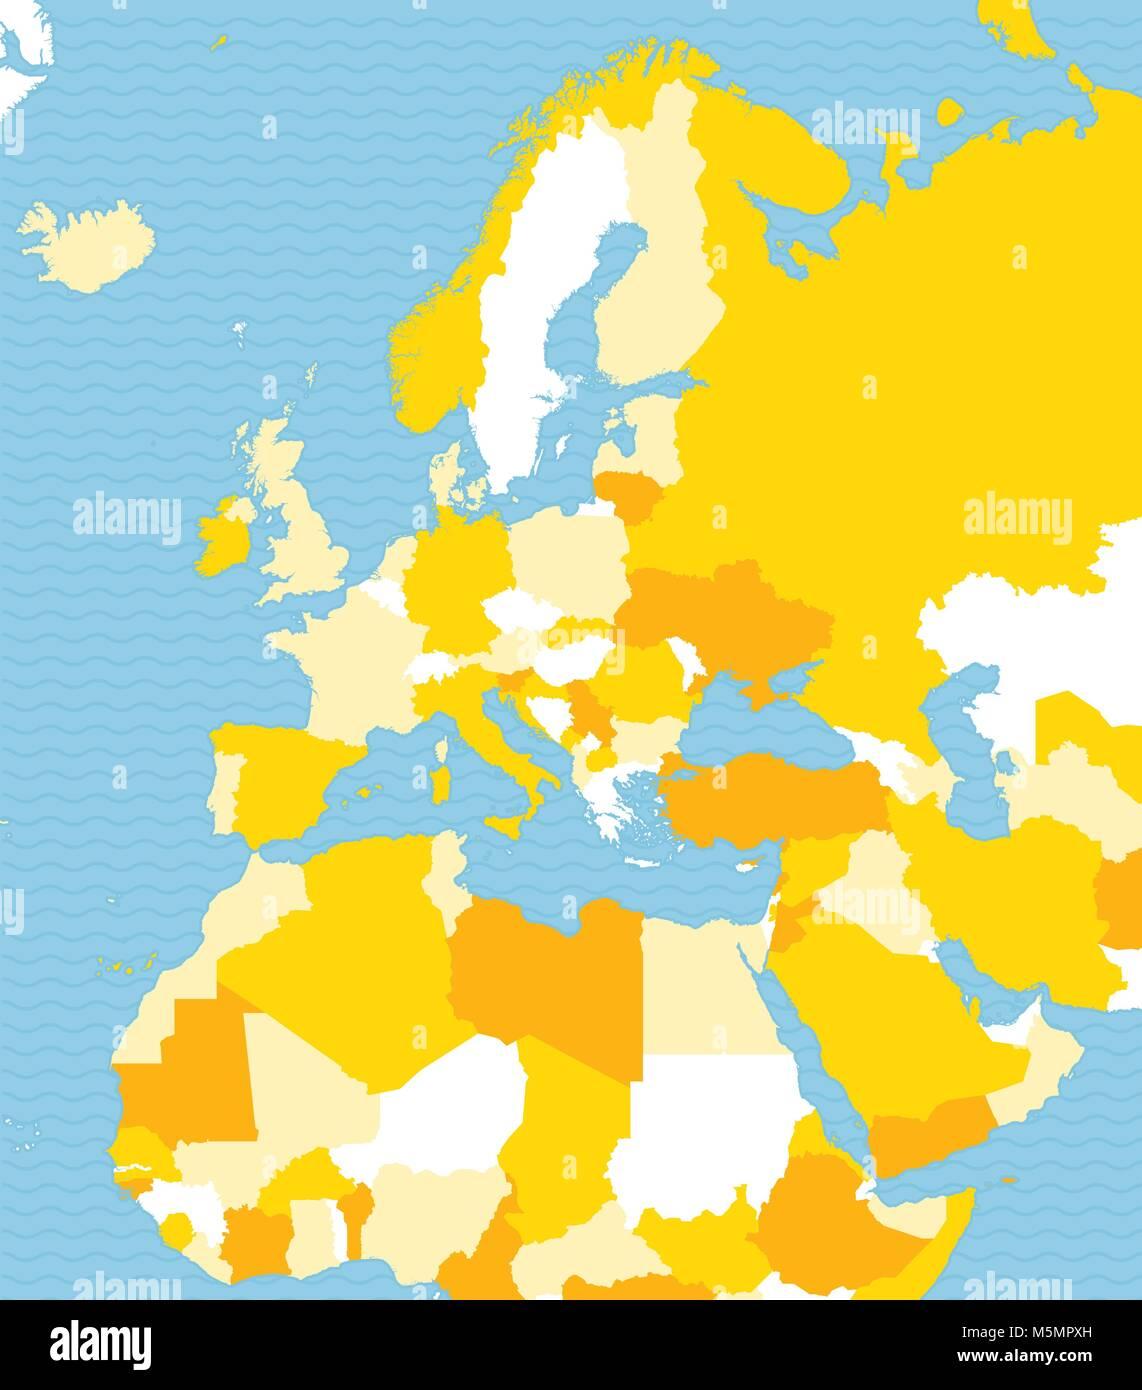 Afrika Karte Staaten.Politische Karte Von Europa Afrika Und Dem Nahen Osten Politische